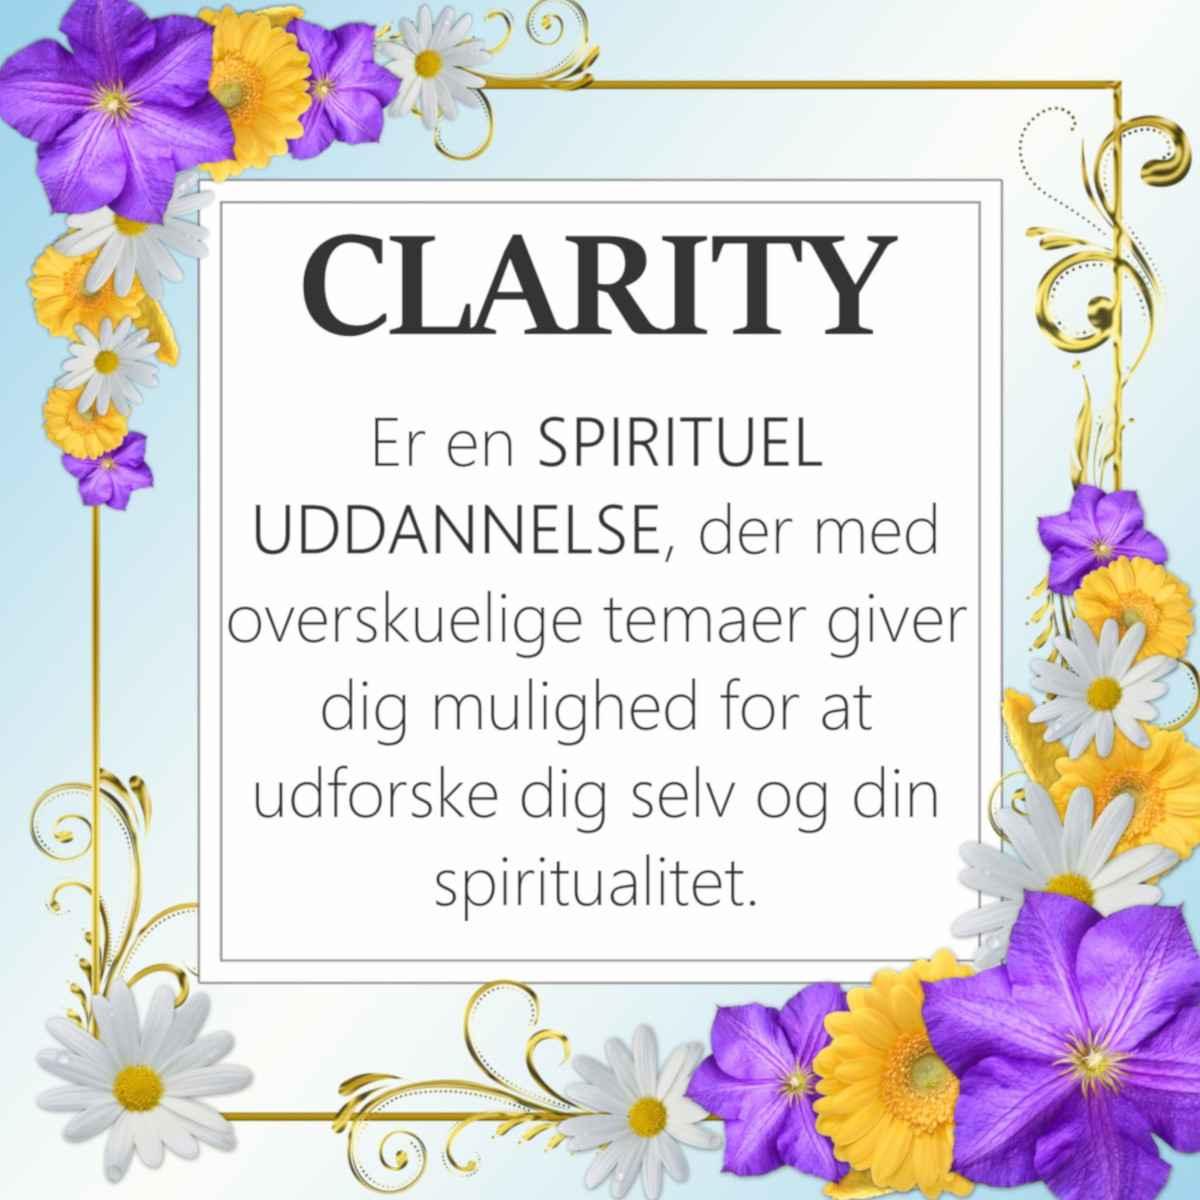 2051-clarity-tekst-kvadratisk-spirituel-uddannelse-1200x1200